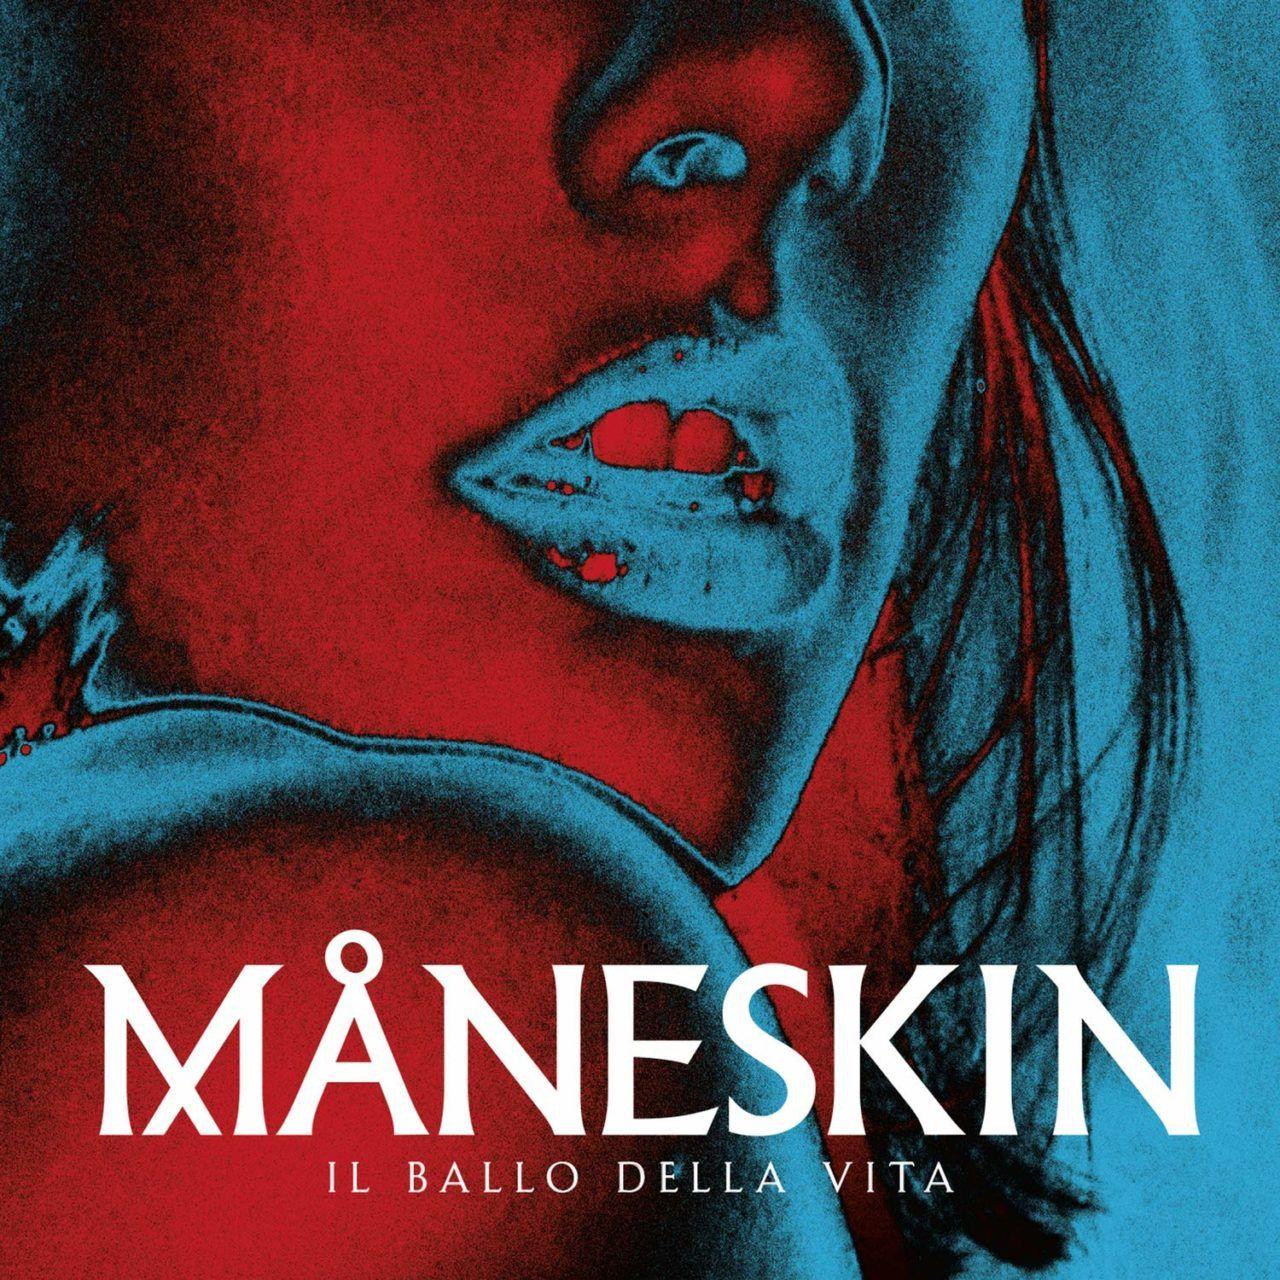 Maneskin - Il Ballo Della Vita album cover